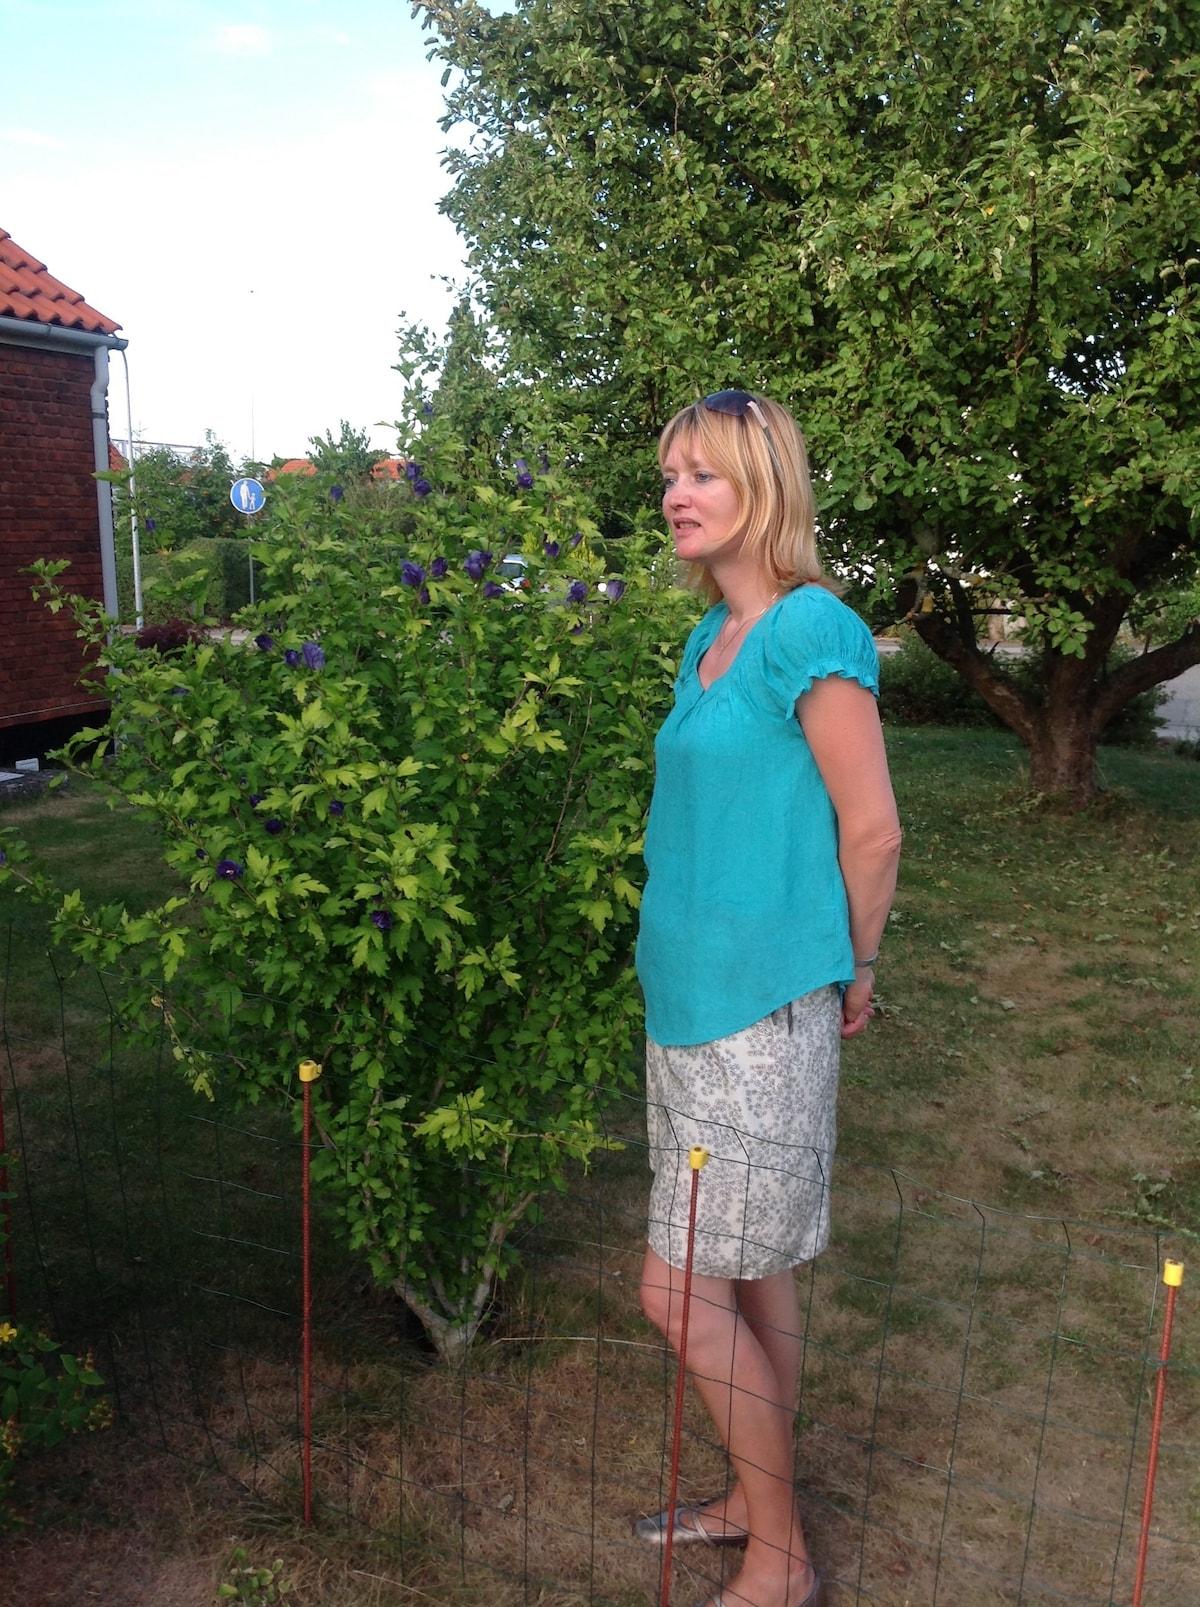 Emily From Roskilde Municipality, Denmark